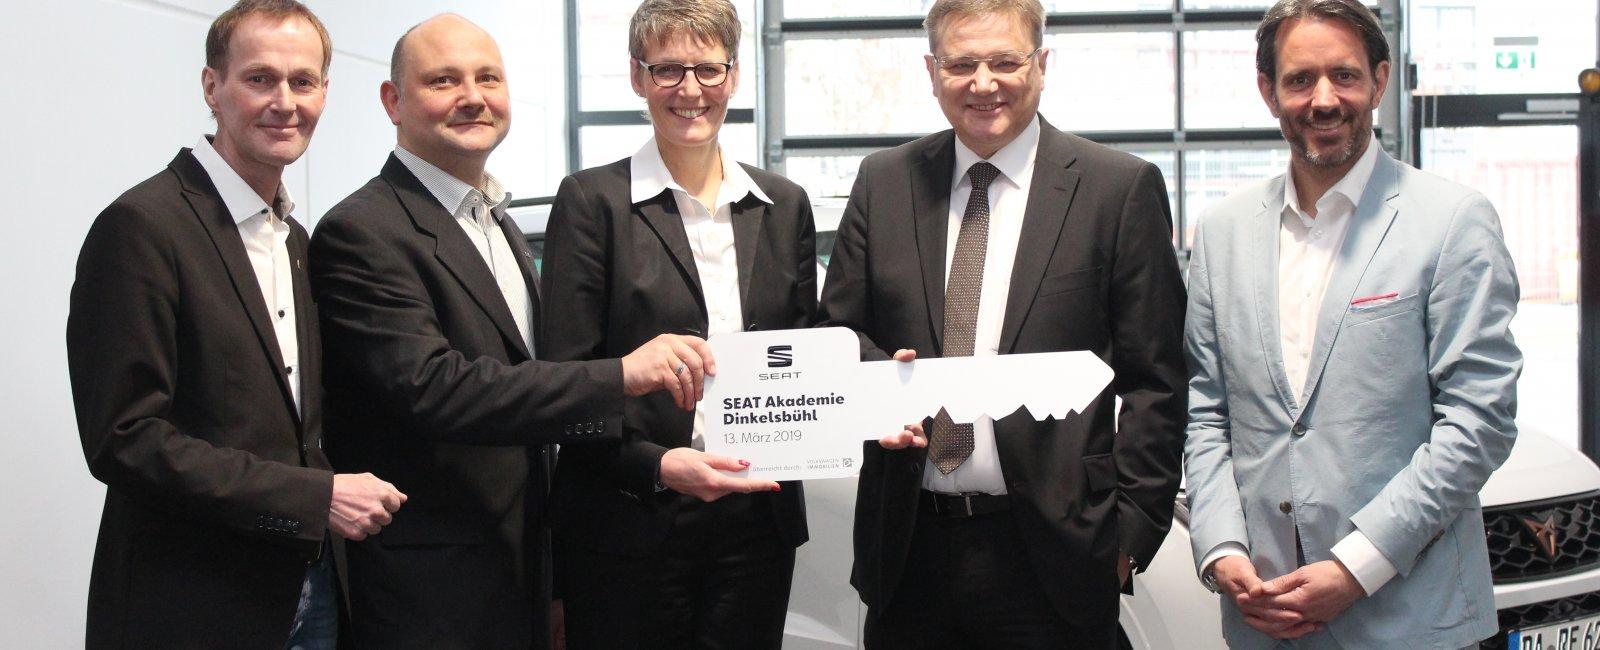 Eröffnung der SEAT Akademie, Dinkelsbühl